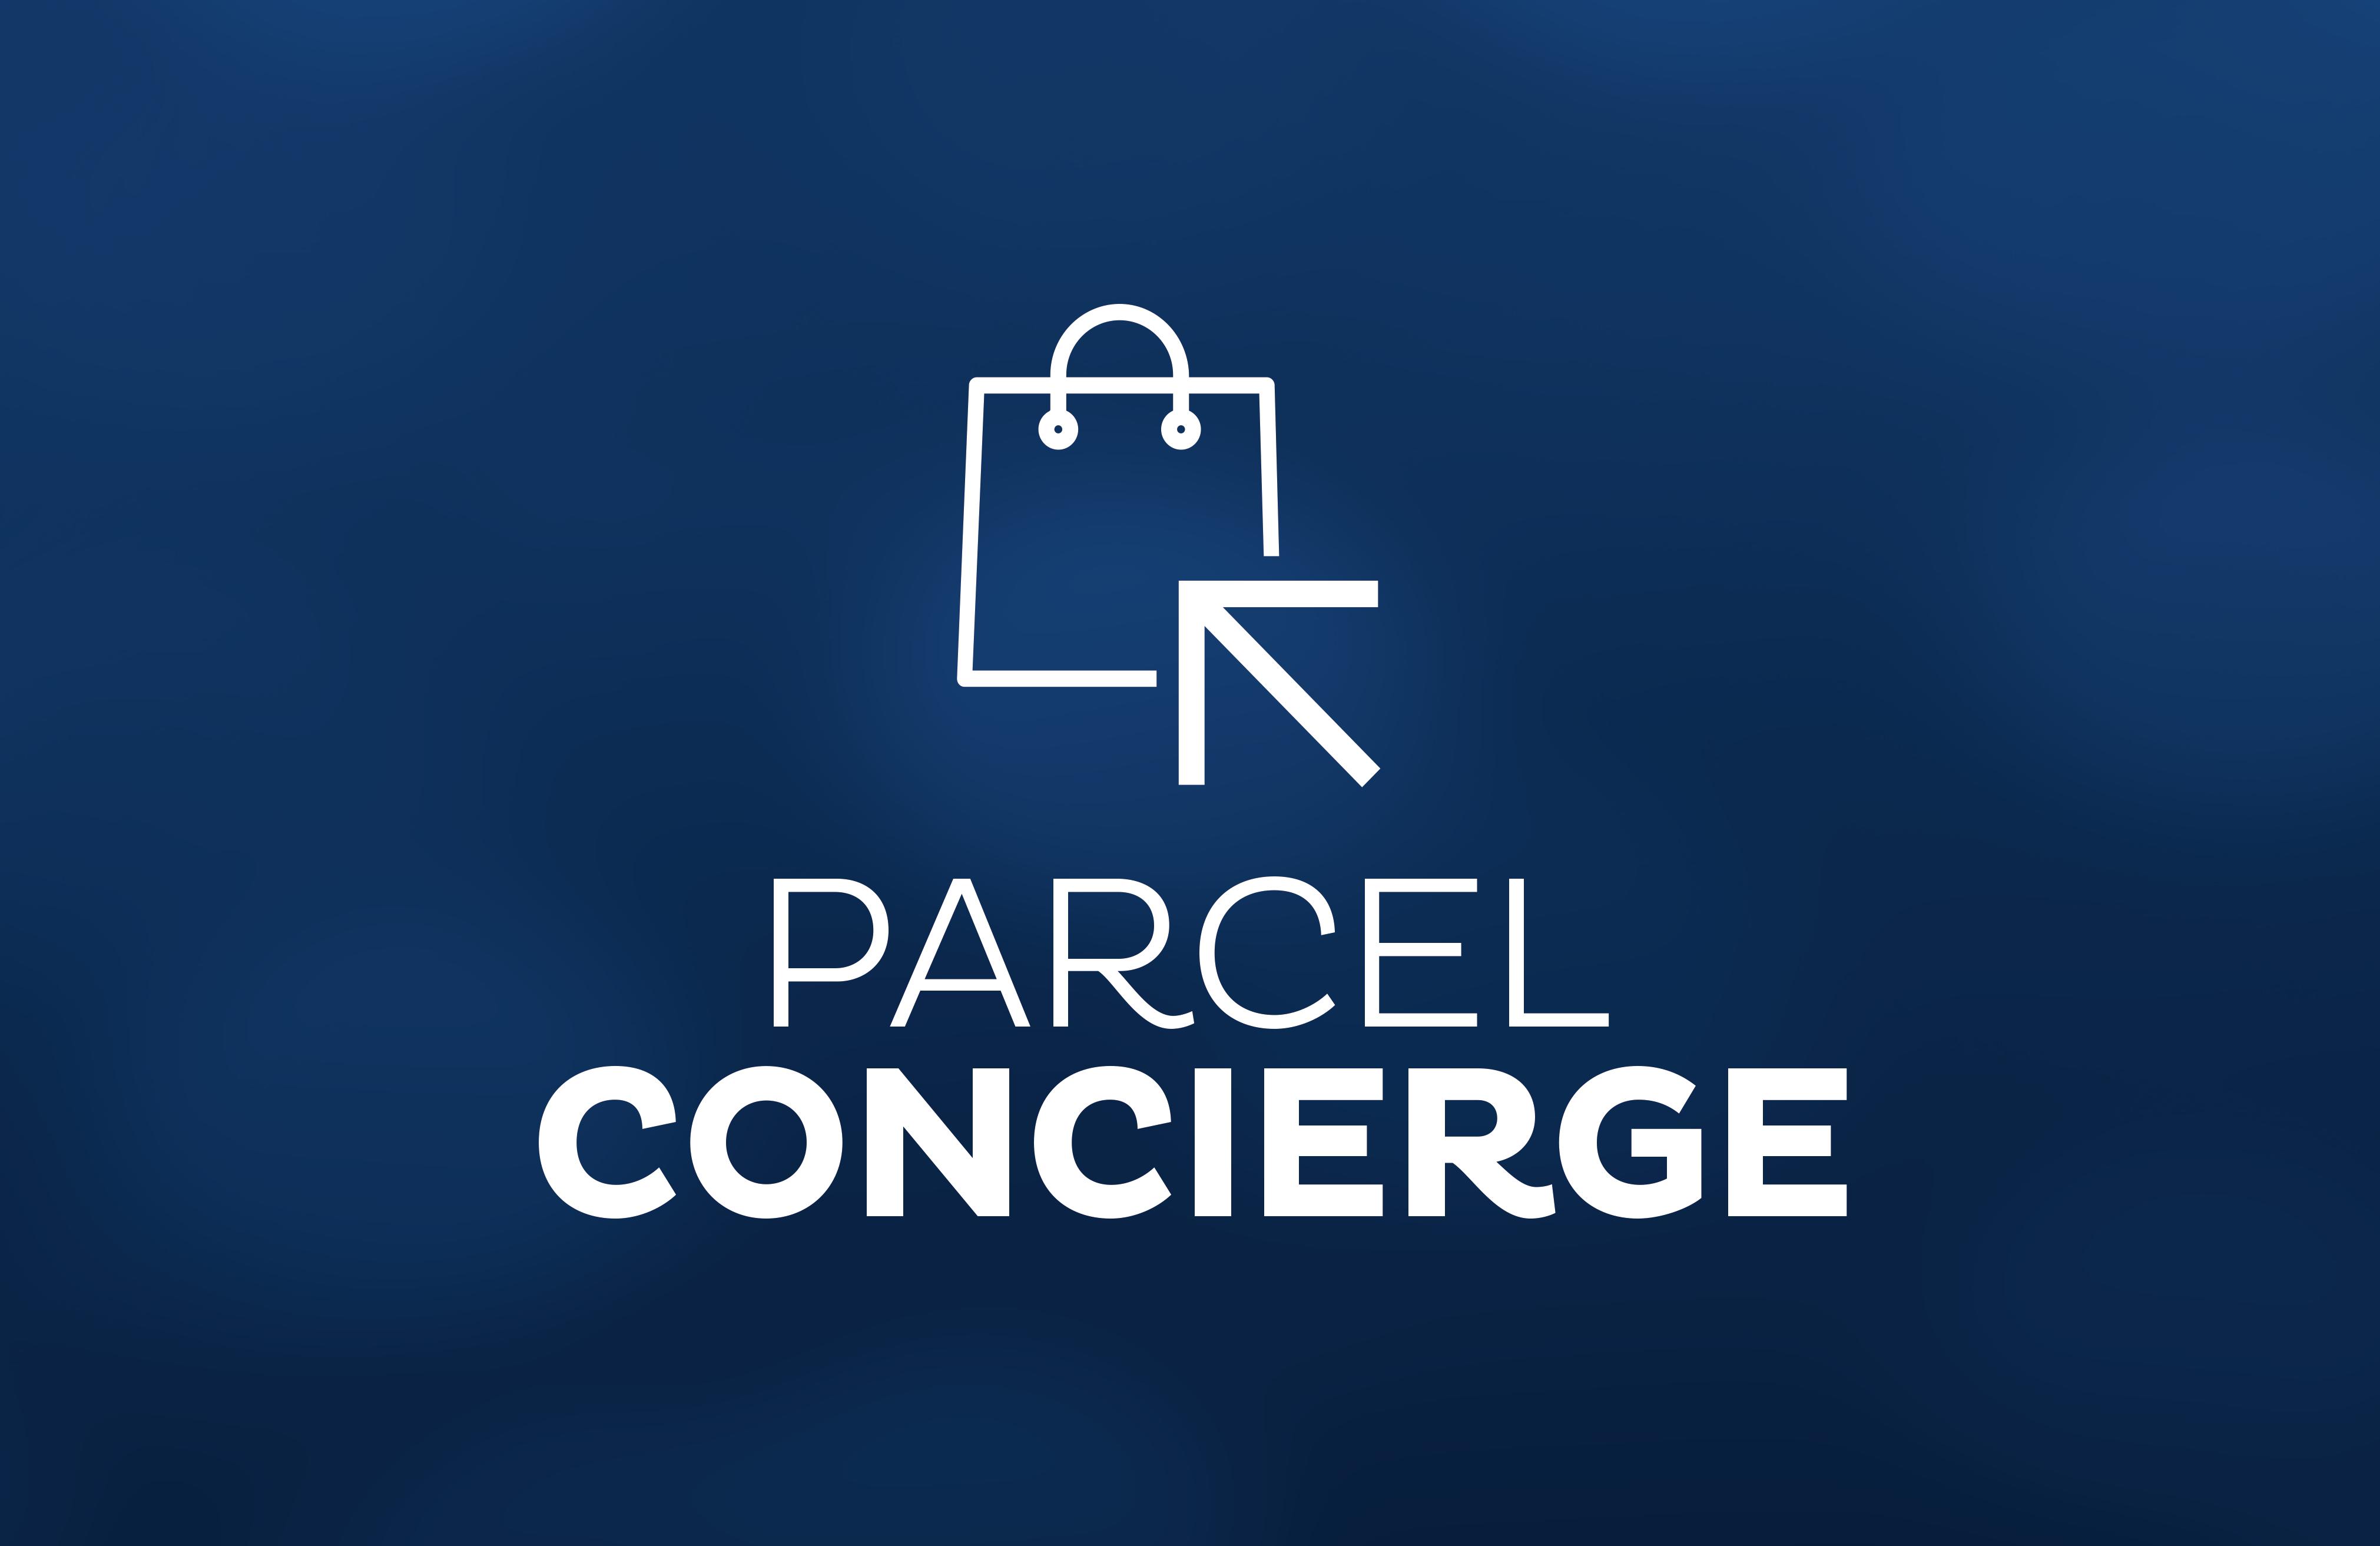 Free Parcel Concierge Service